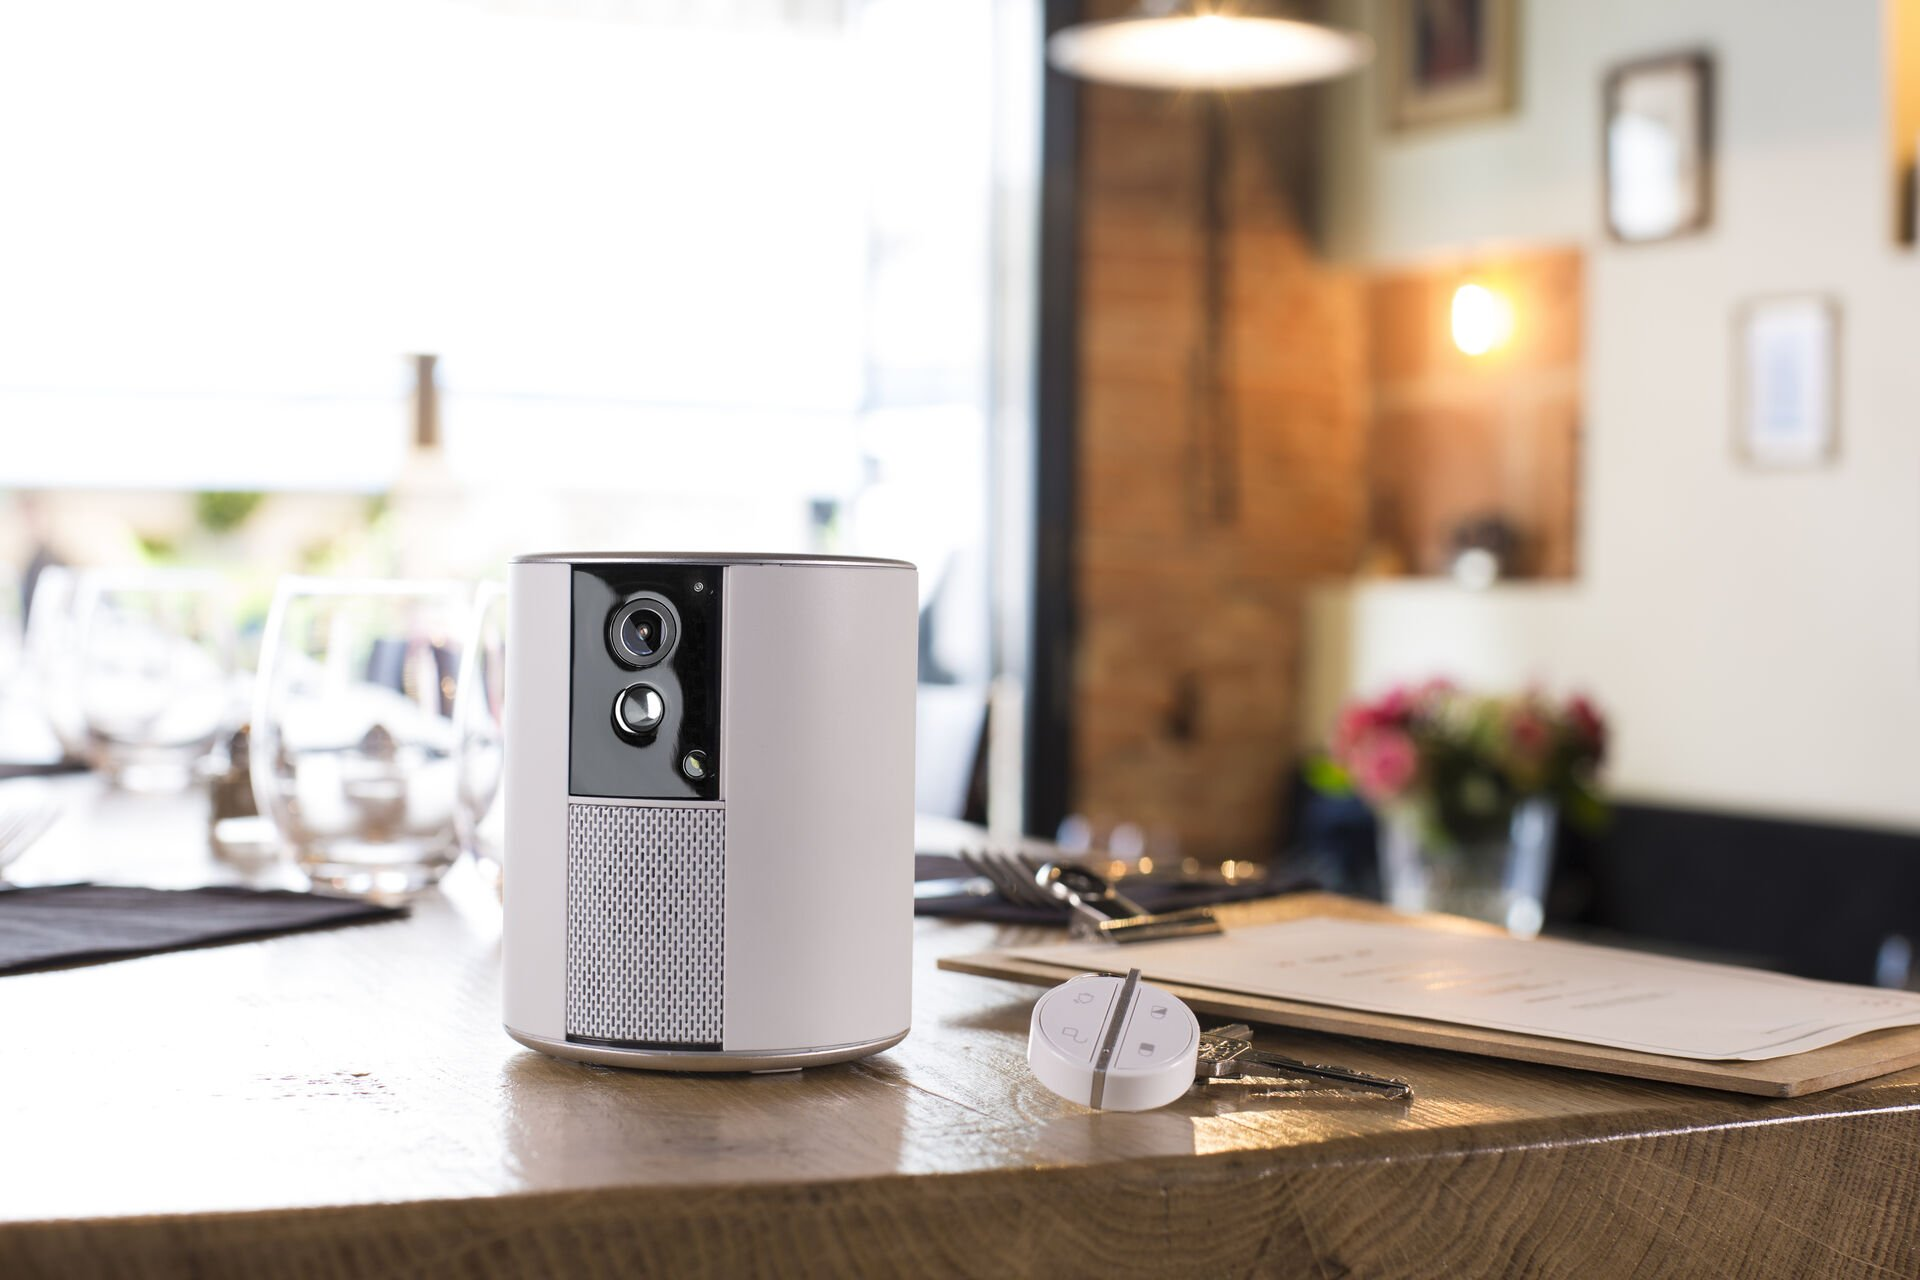 Somfy One + soluzione per sicurezza e privacy